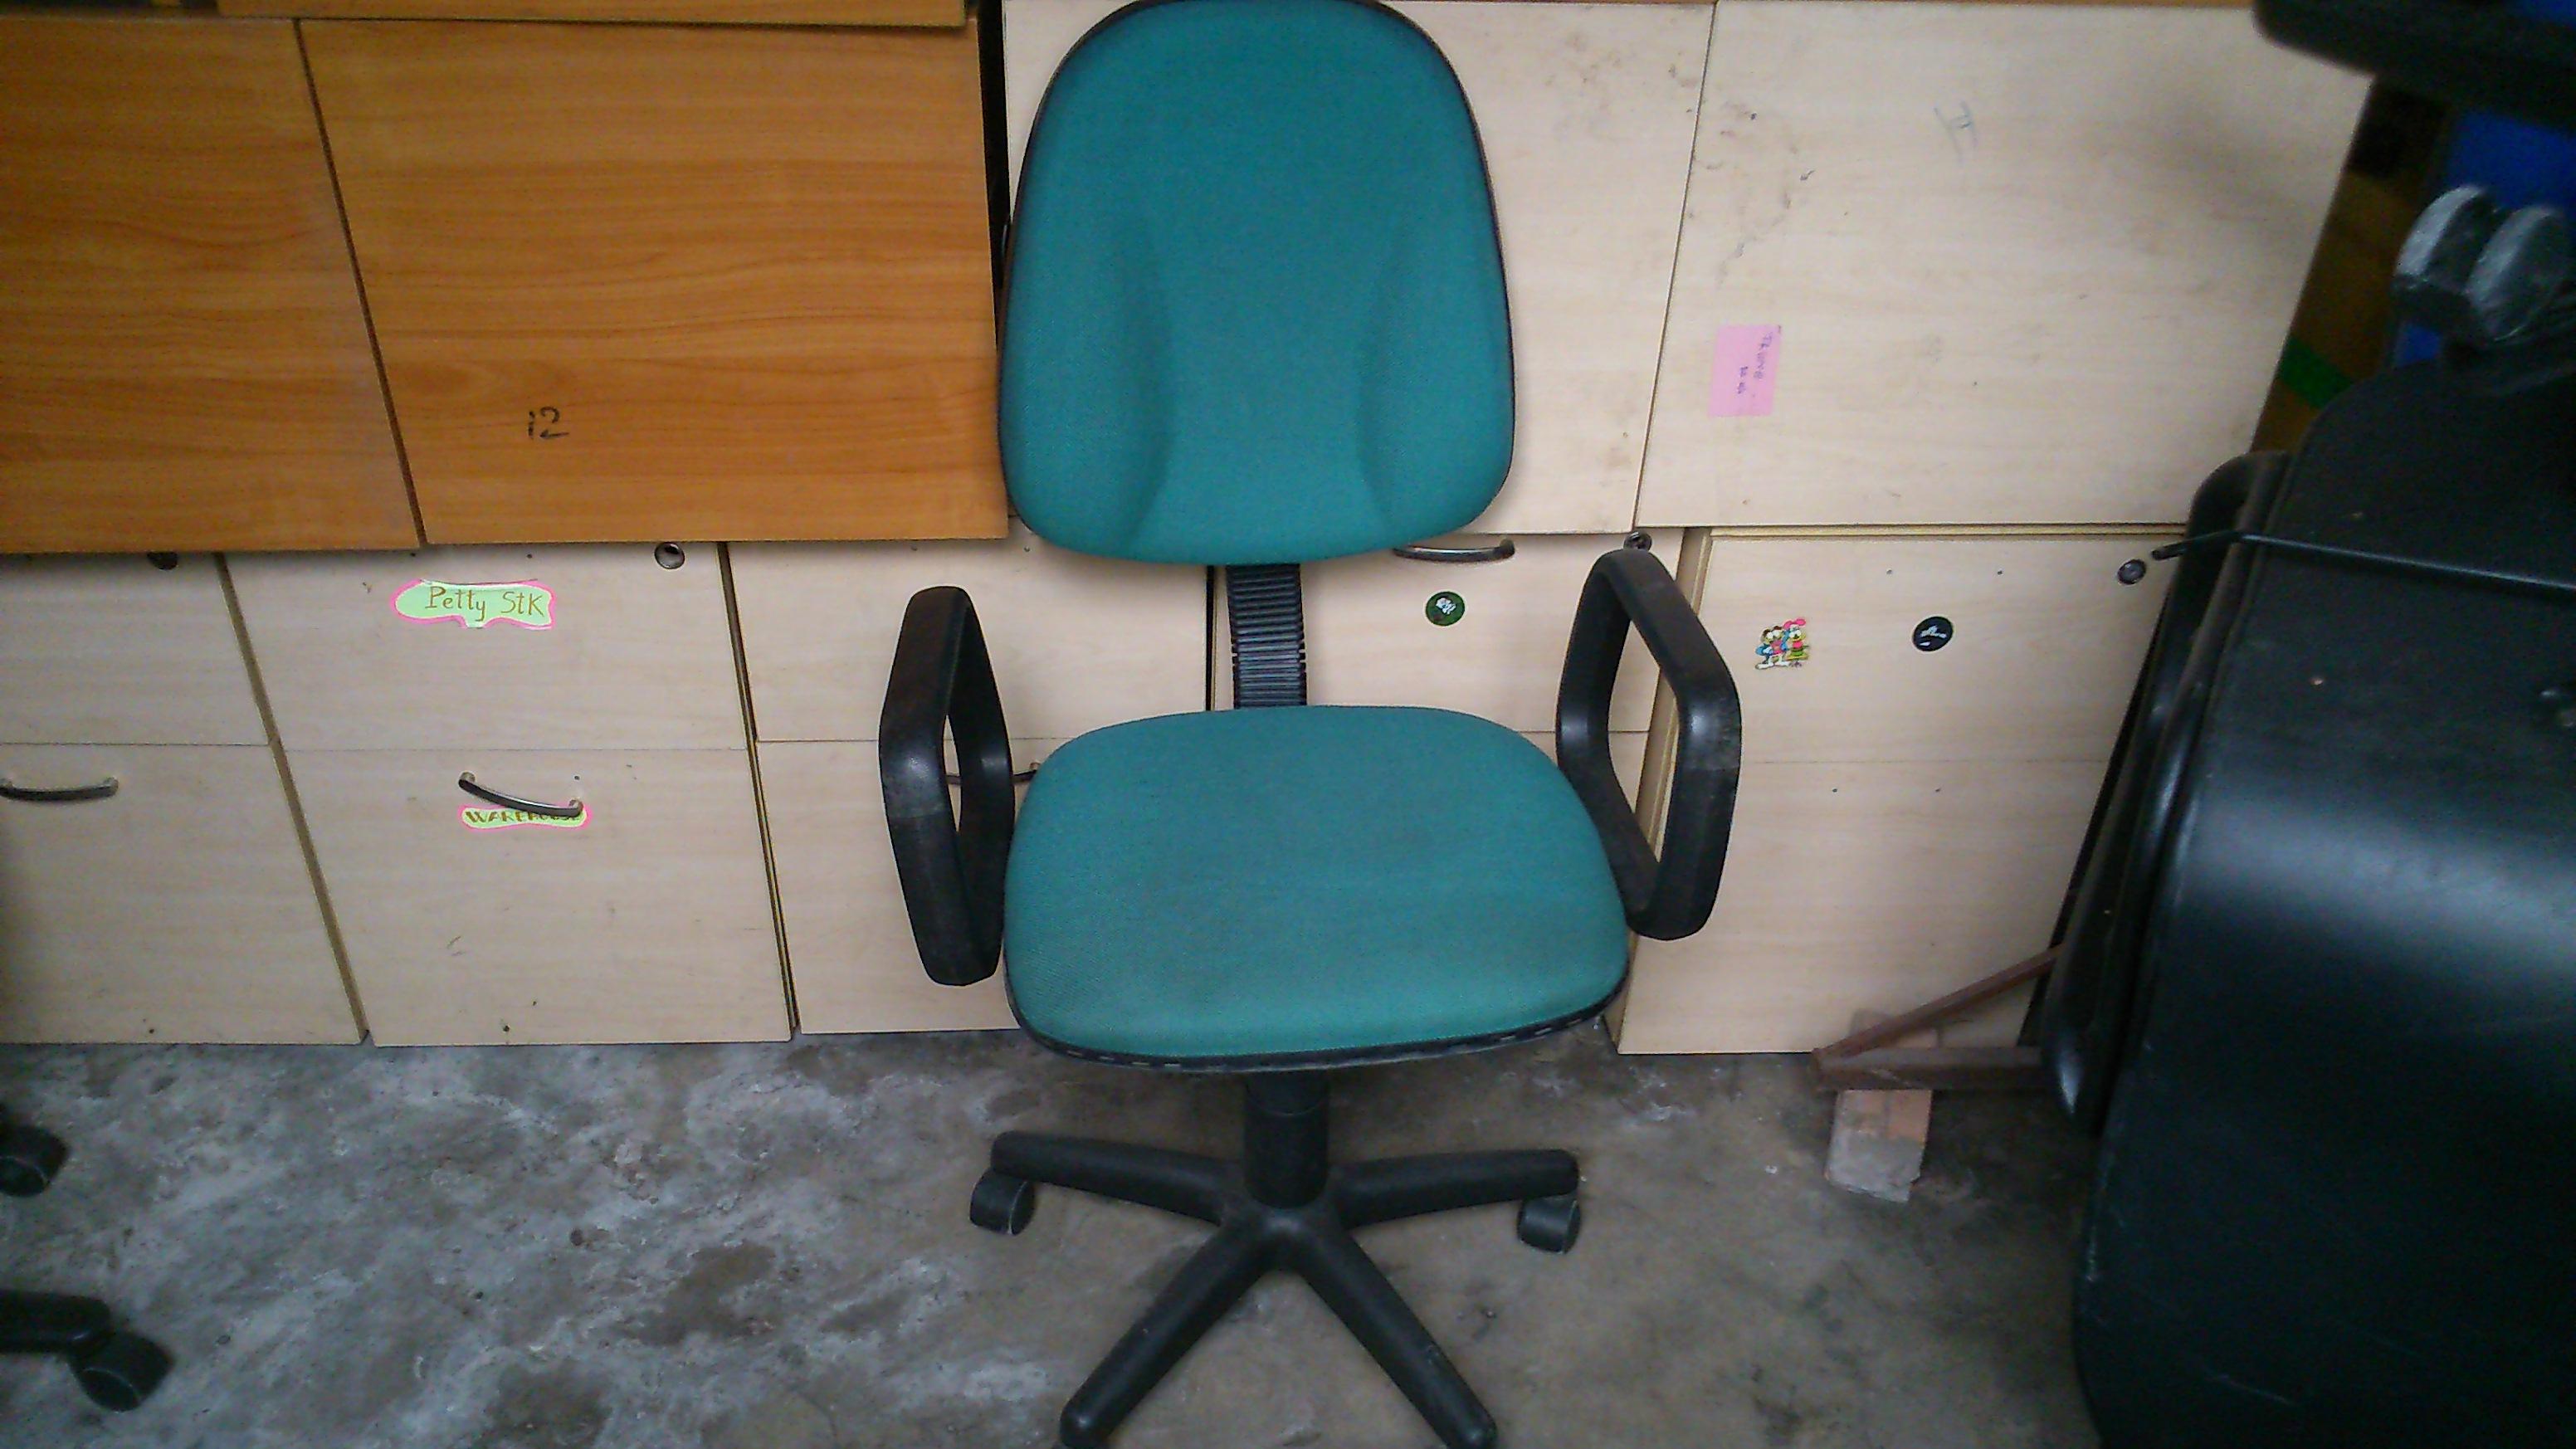 Thanh lý ghế xoay tay vịn 0107